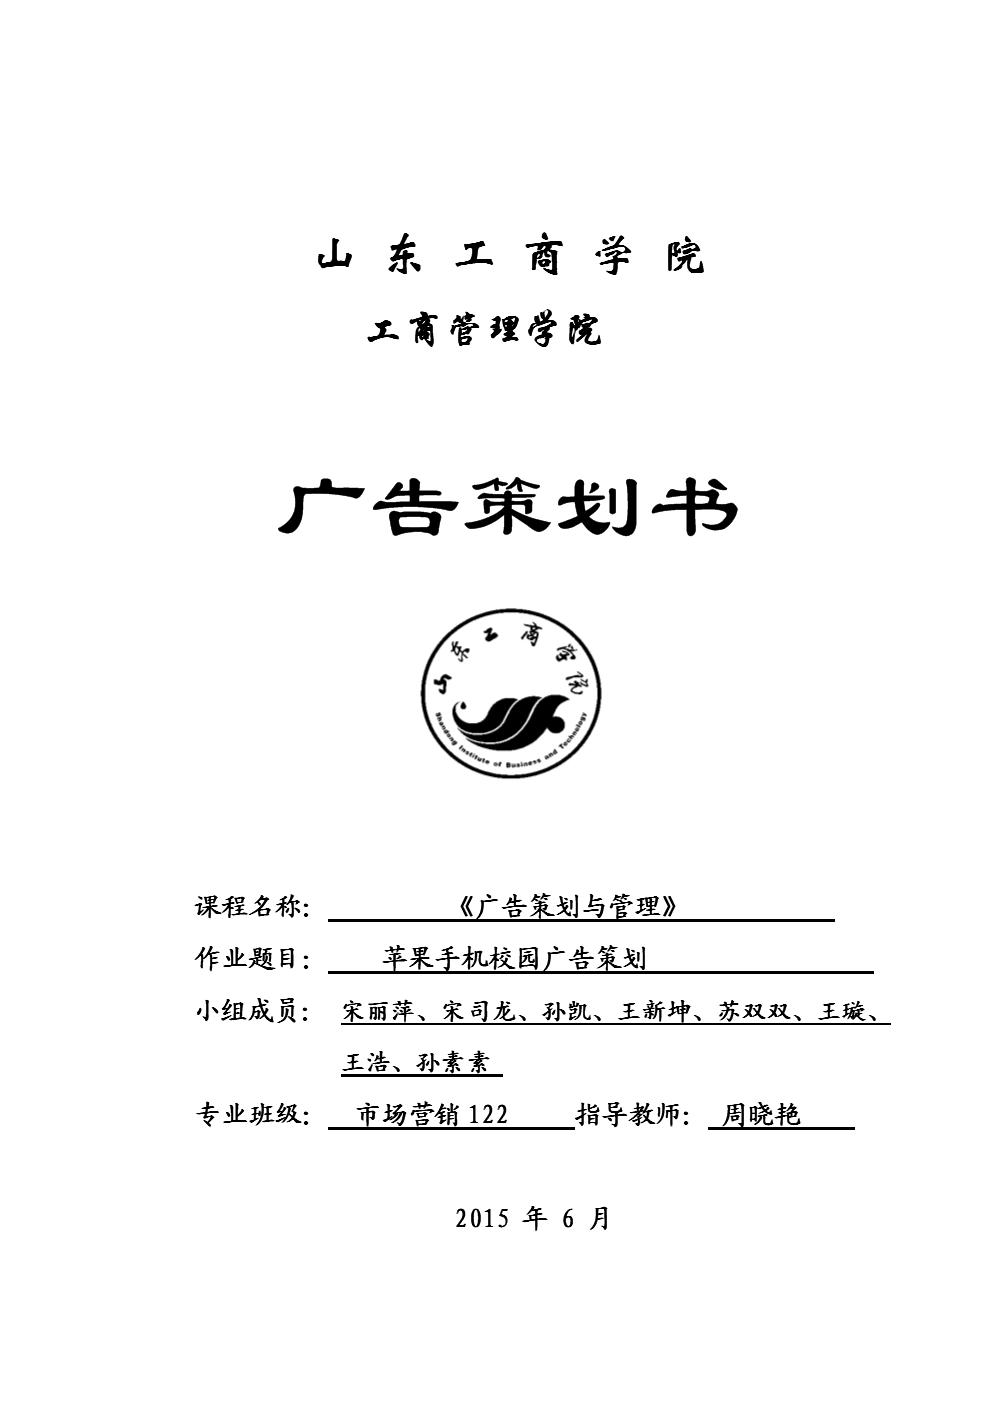 苹果手机校园推广告策划书资料.doc 38页